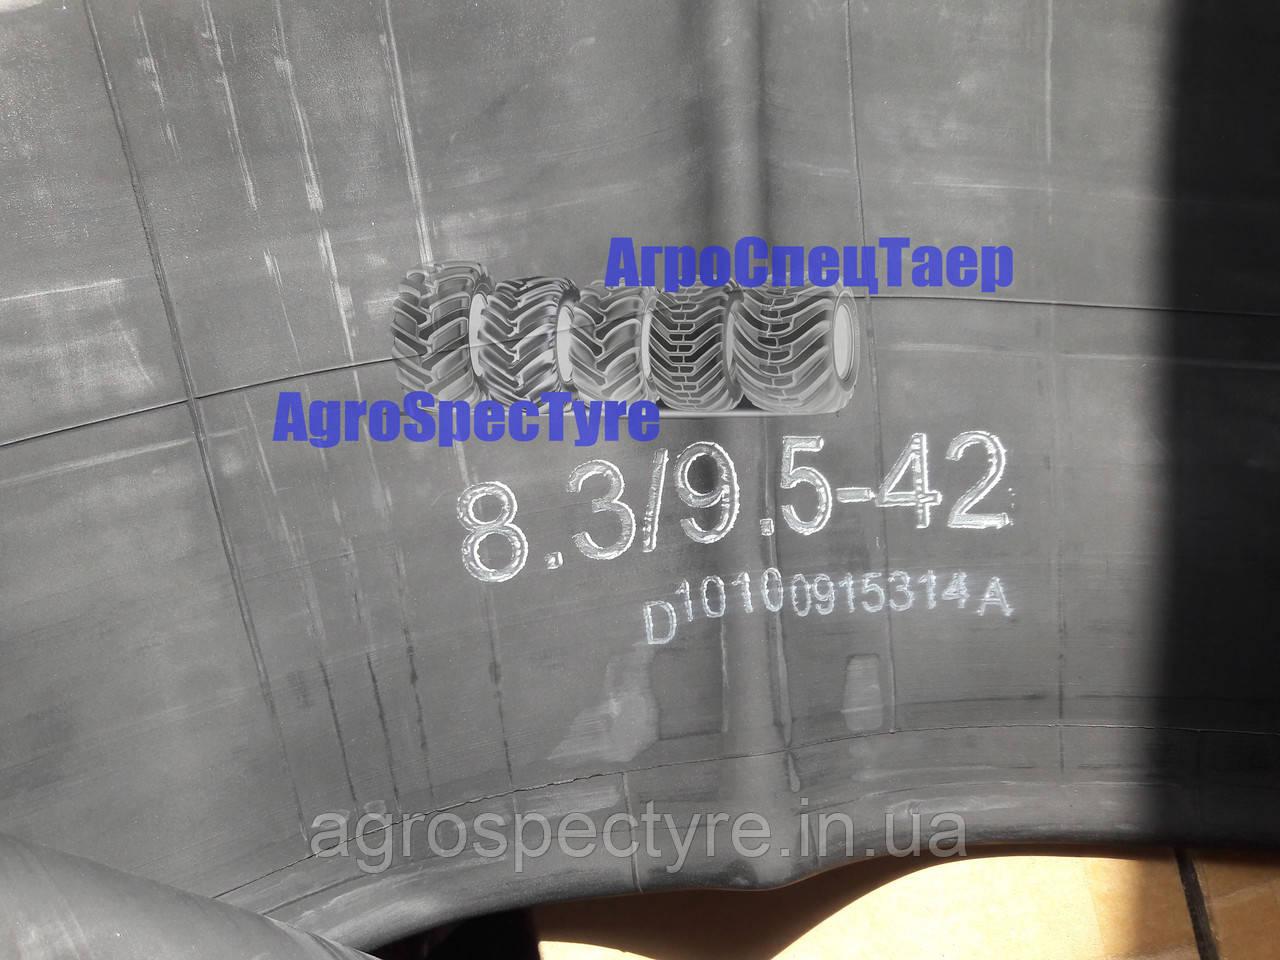 Камера 8.3/9.5-42 TR-218A KABAT на трактор камера 230/95-42 TR-218A KABAT на трактор